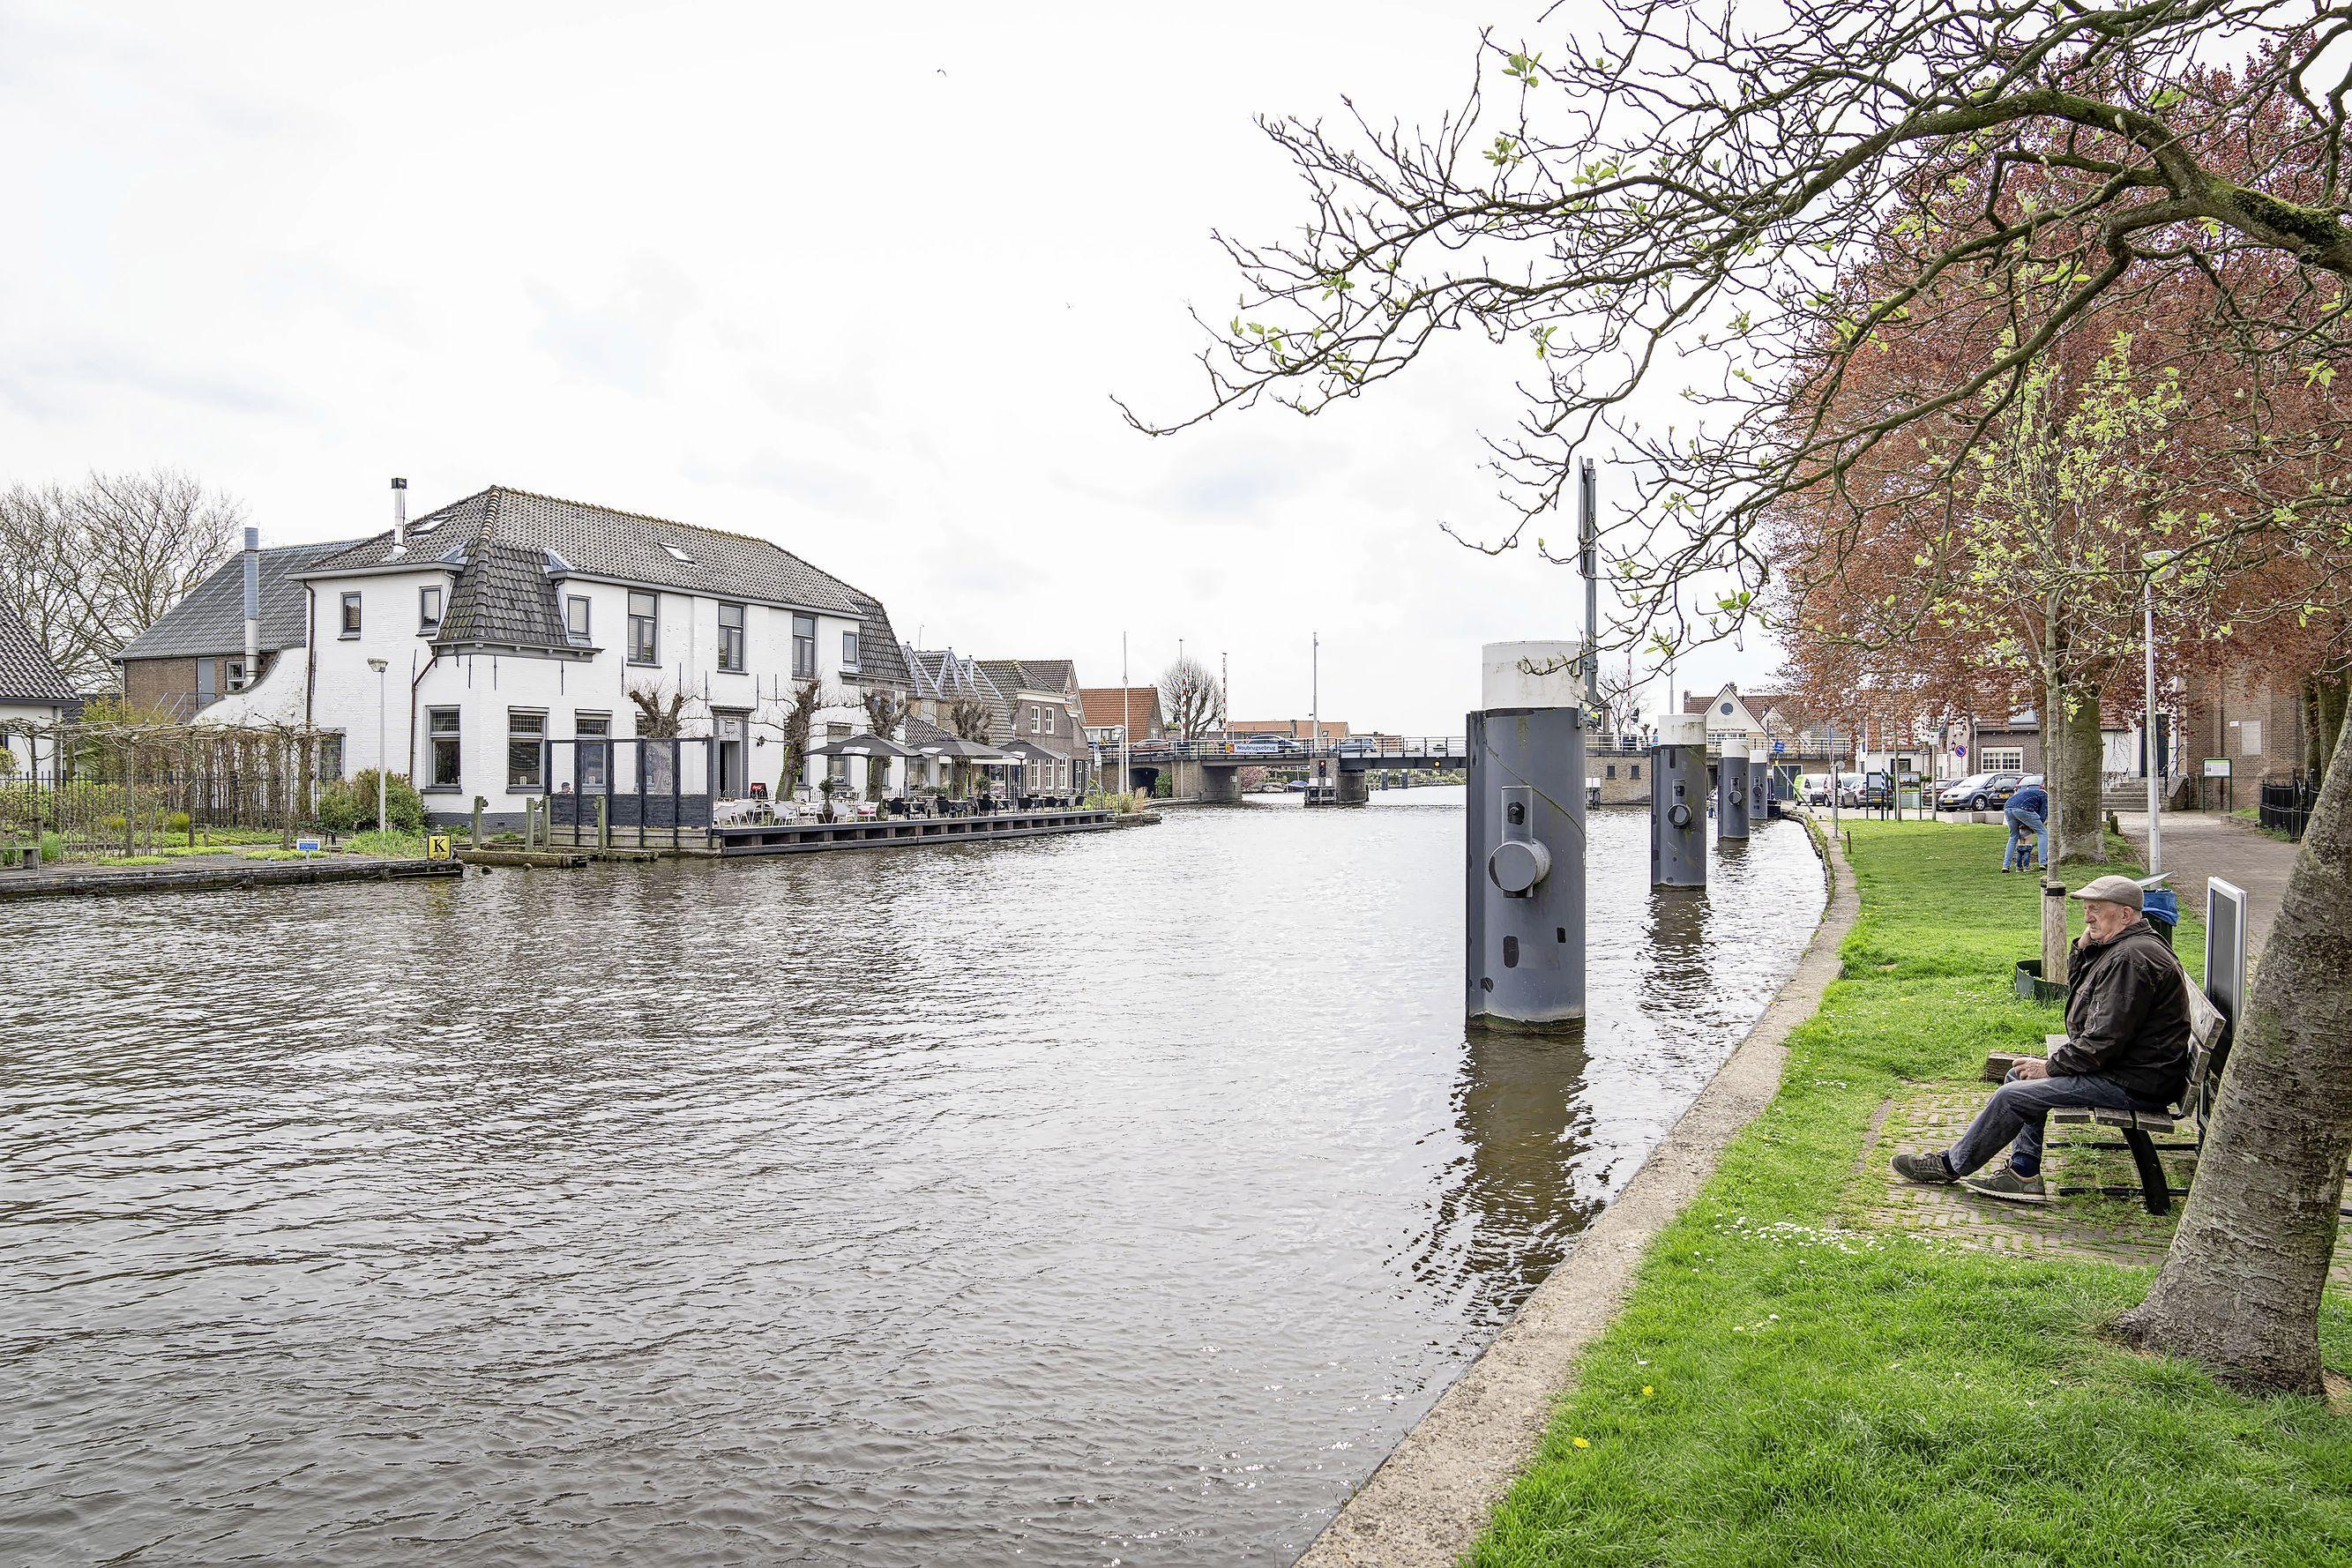 Oud kettingbeding hoeft de toekomst van het oude raadhuis in Woubrugge niet langer in de weg te staan